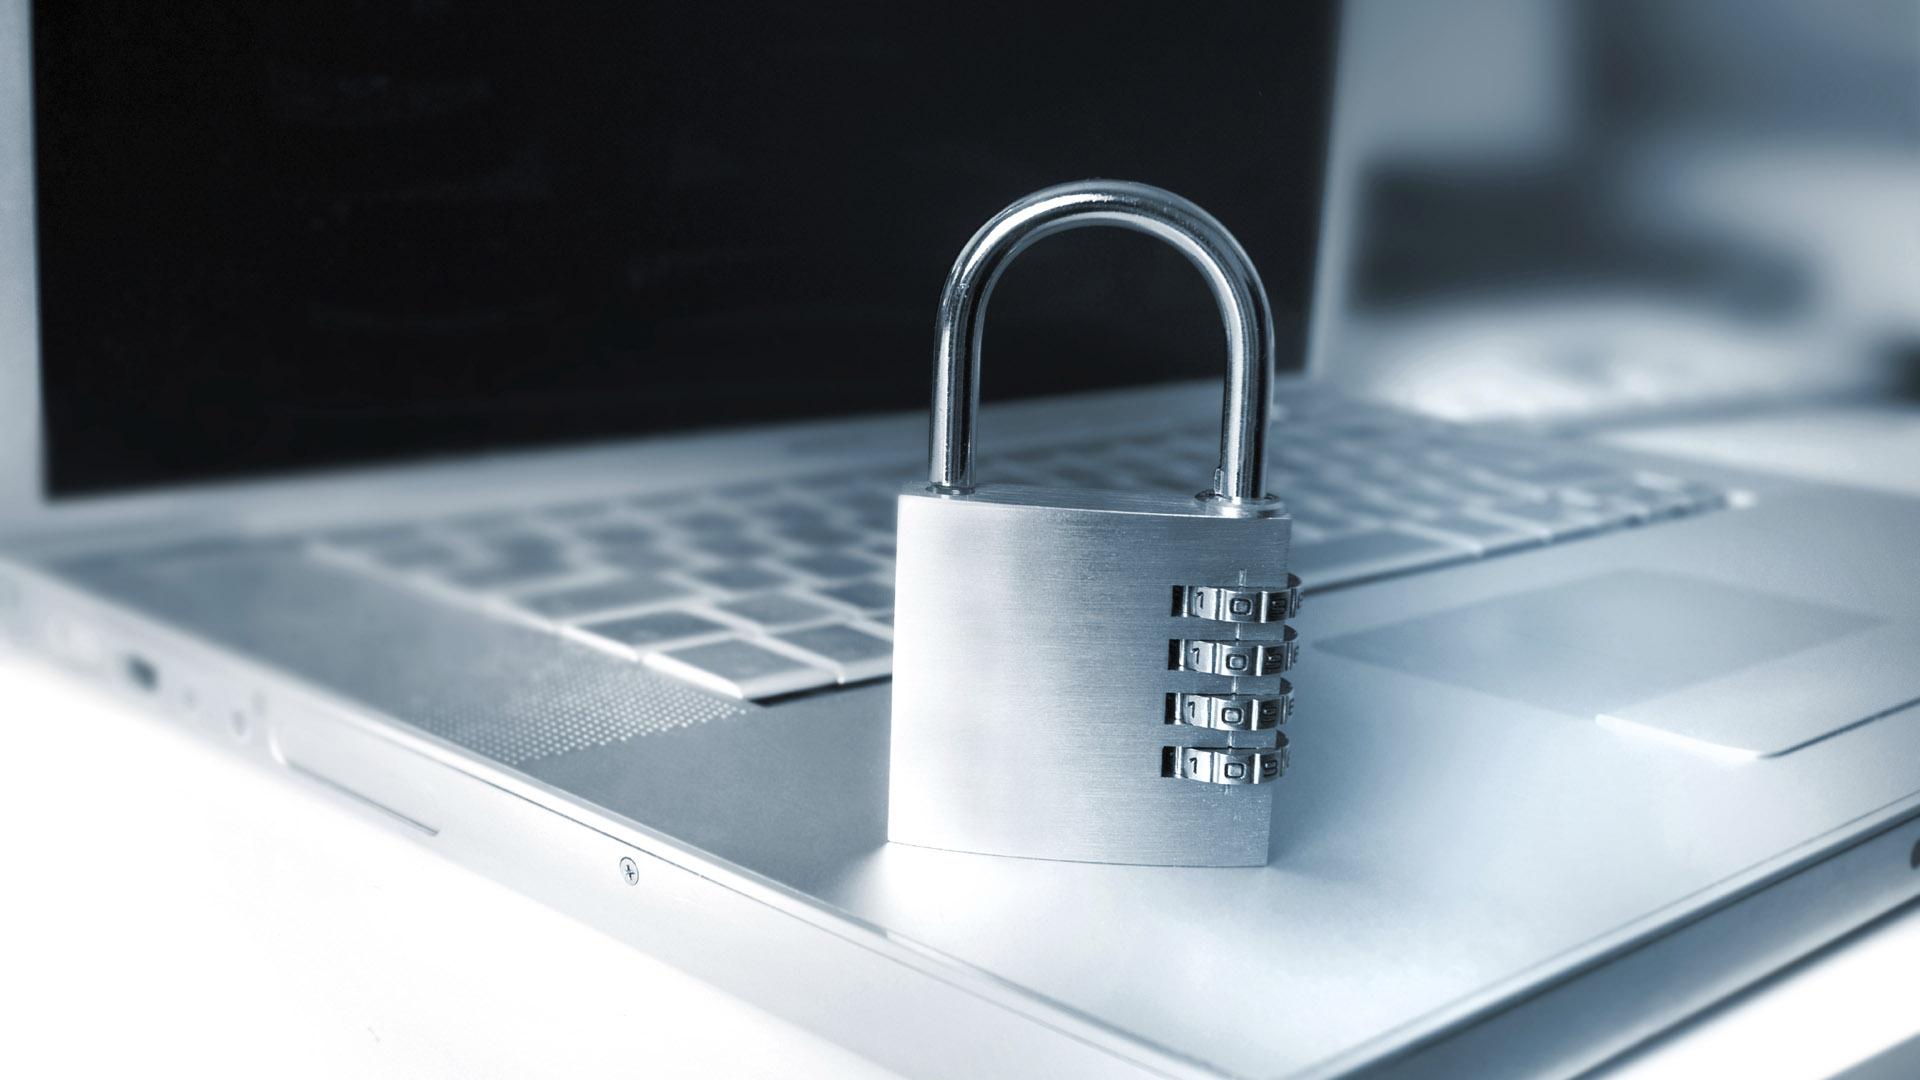 Lo mejor es utilizar el cifrado de datos, la verificación de dos pasos y el modo incógnito en computadores que no sean de su propiedad